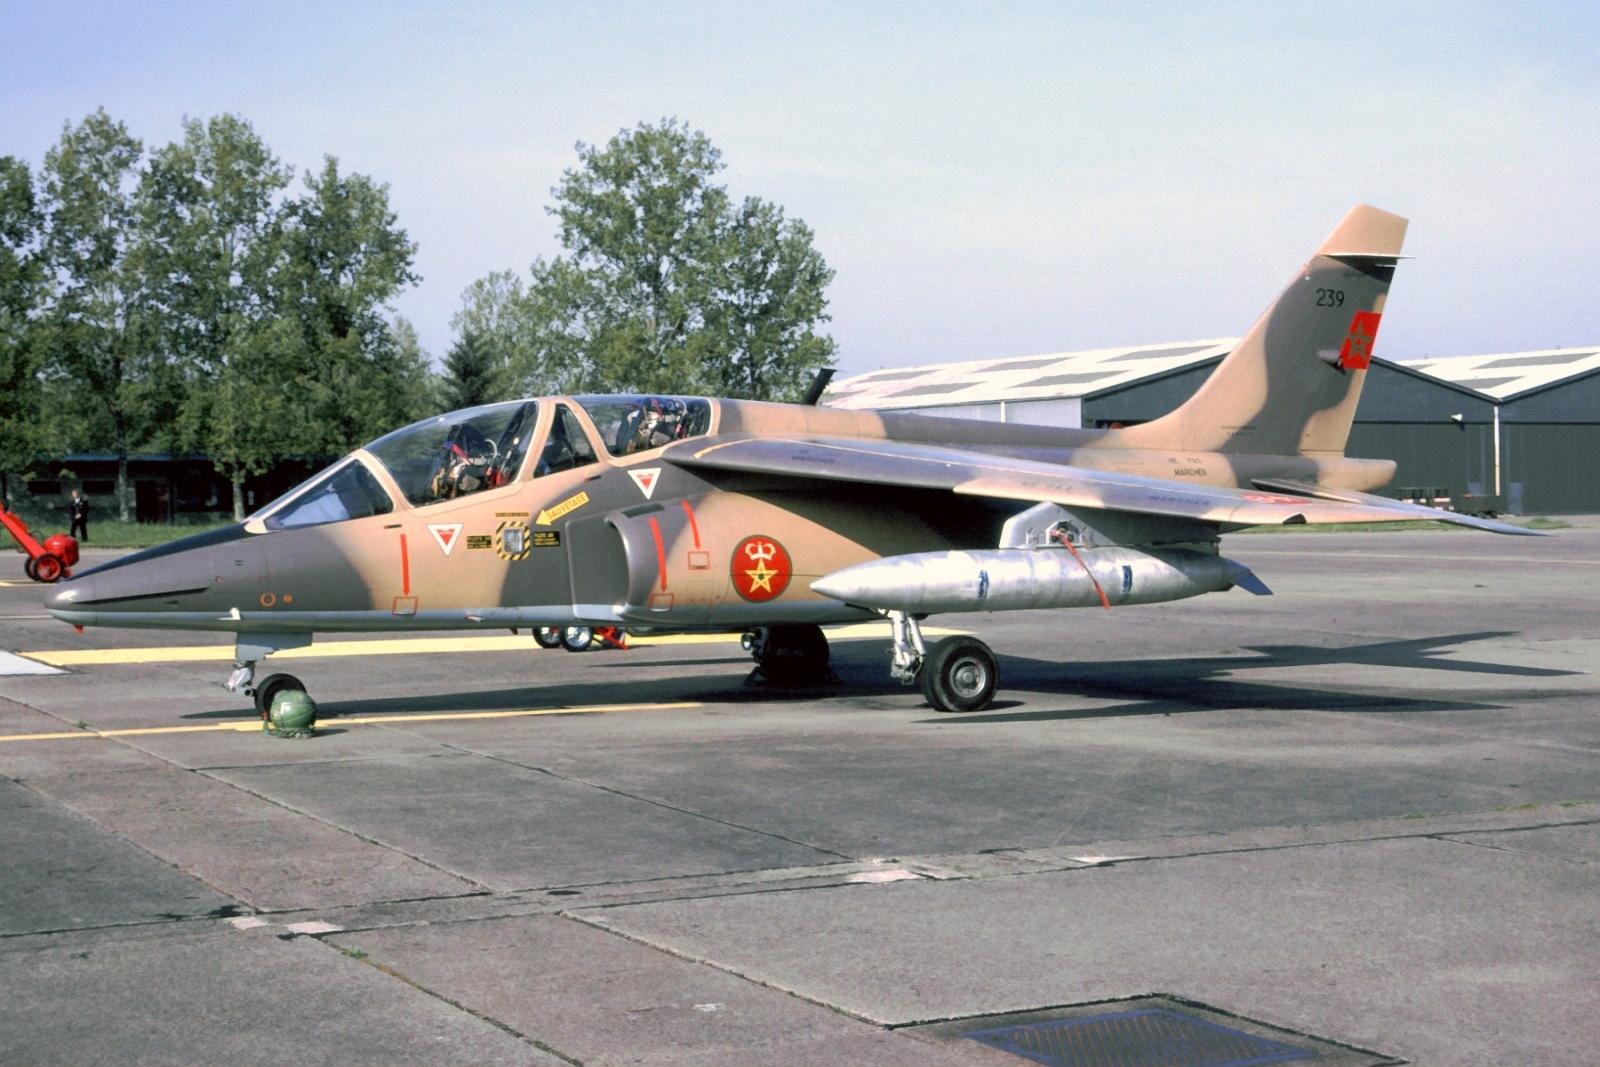 FRA: Photos avions d'entrainement et anti insurrection - Page 9 40707915803_845825c036_o